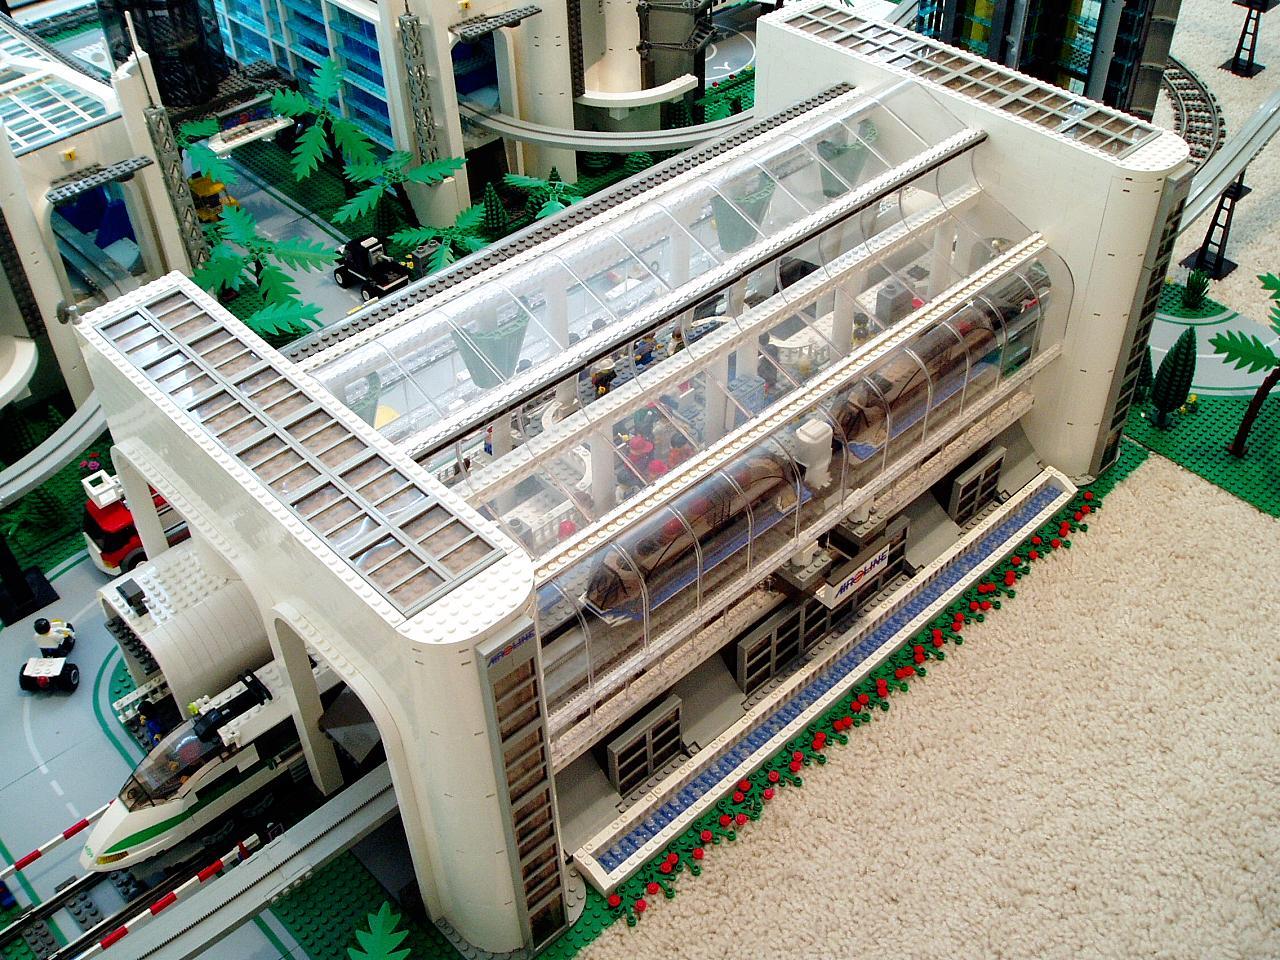 Brickshelf Find Bricktopia Station Airport Lego Town